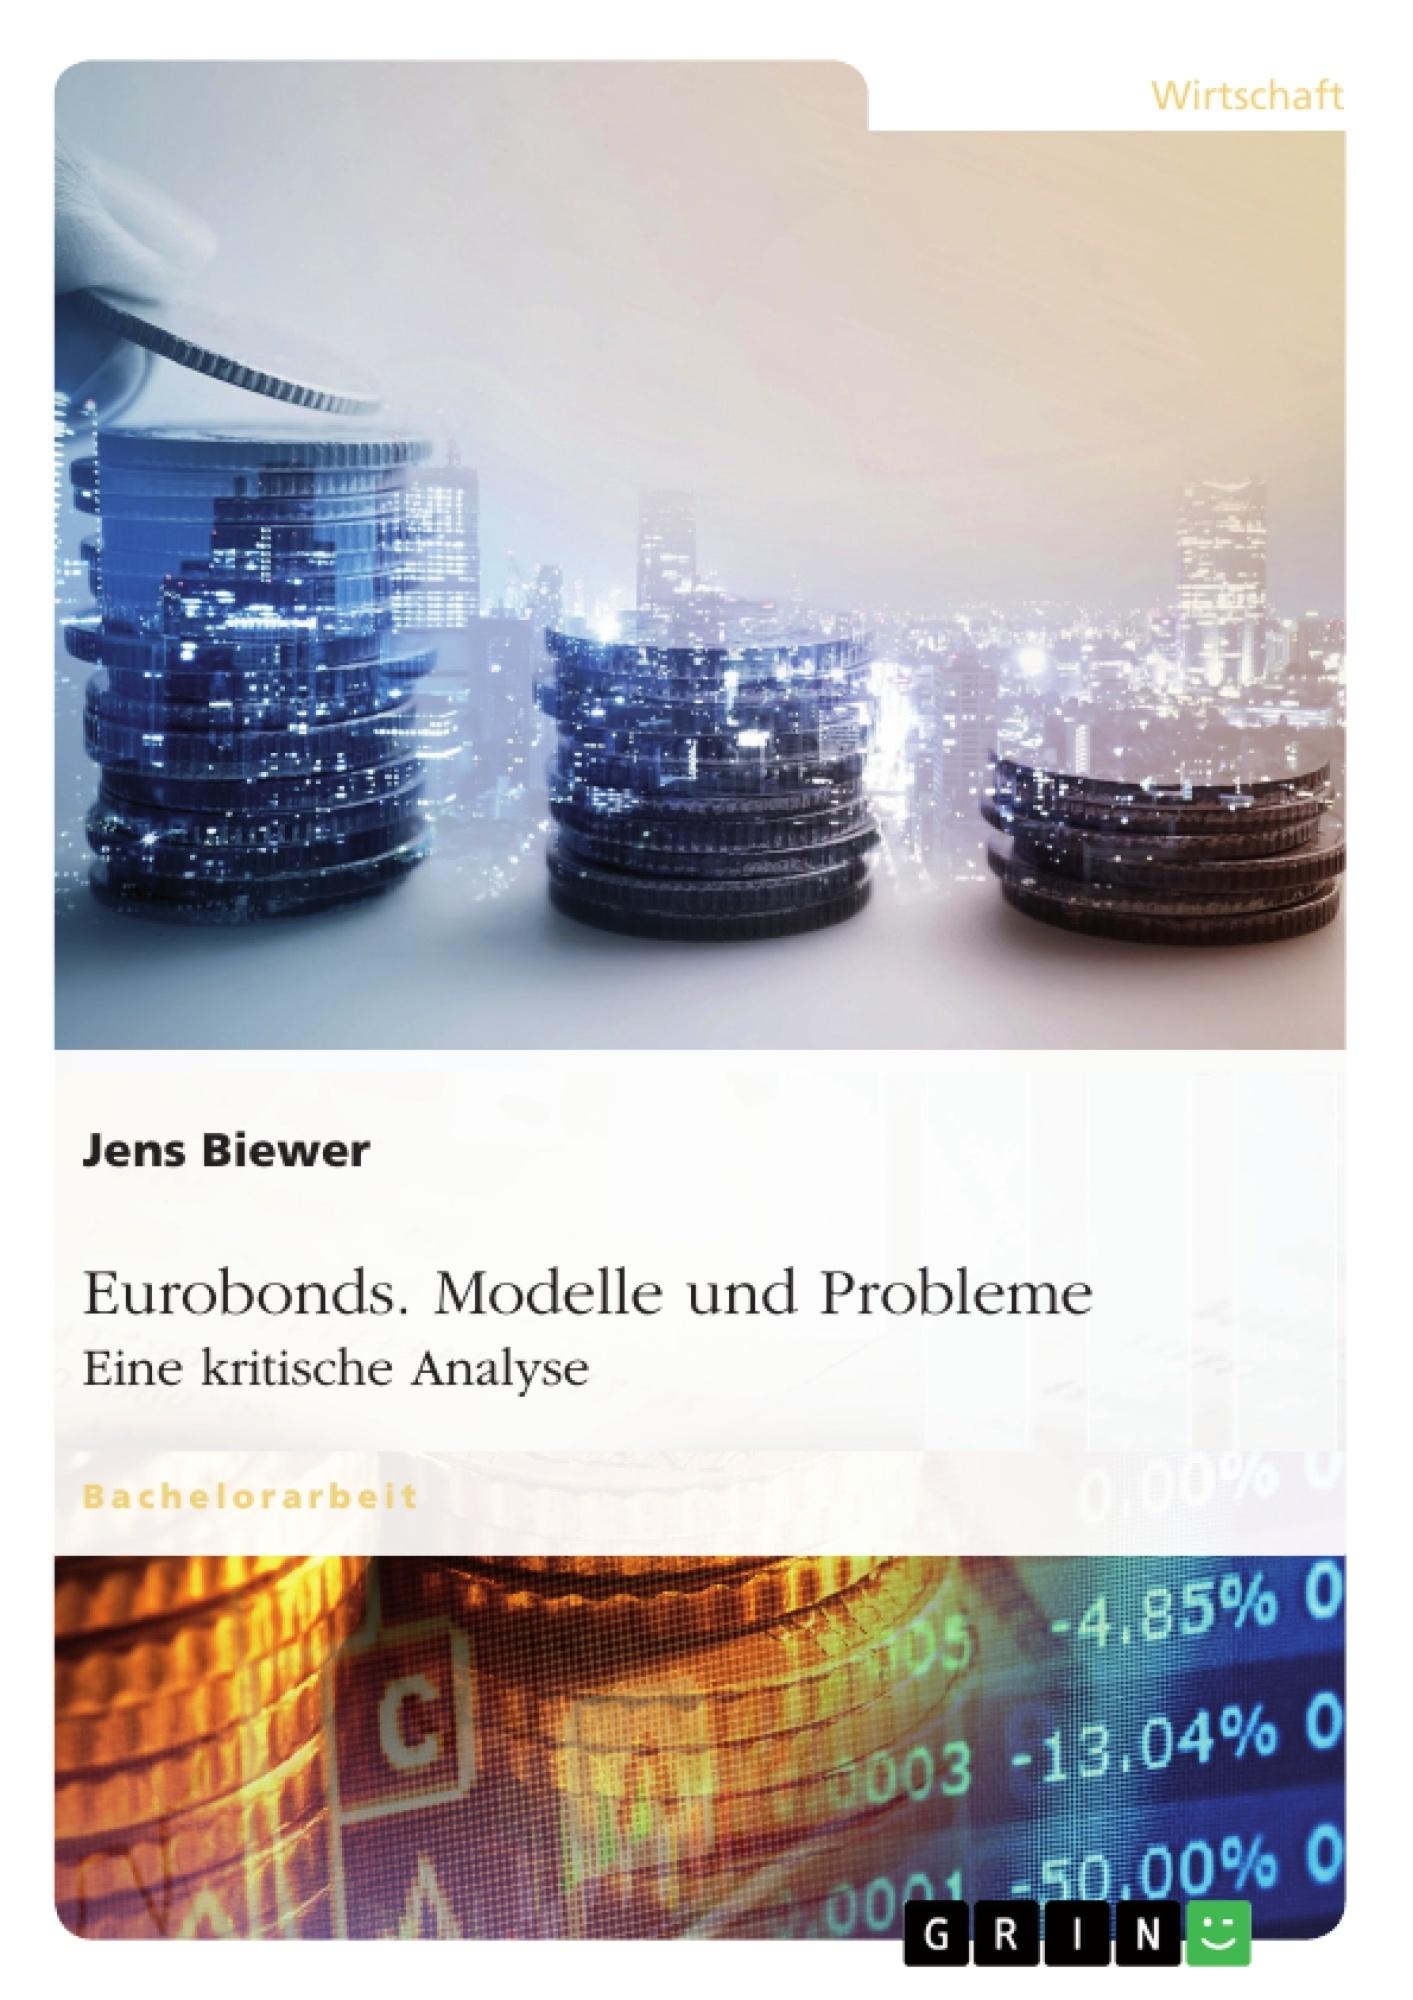 Titel: Eurobonds. Modelle und Probleme